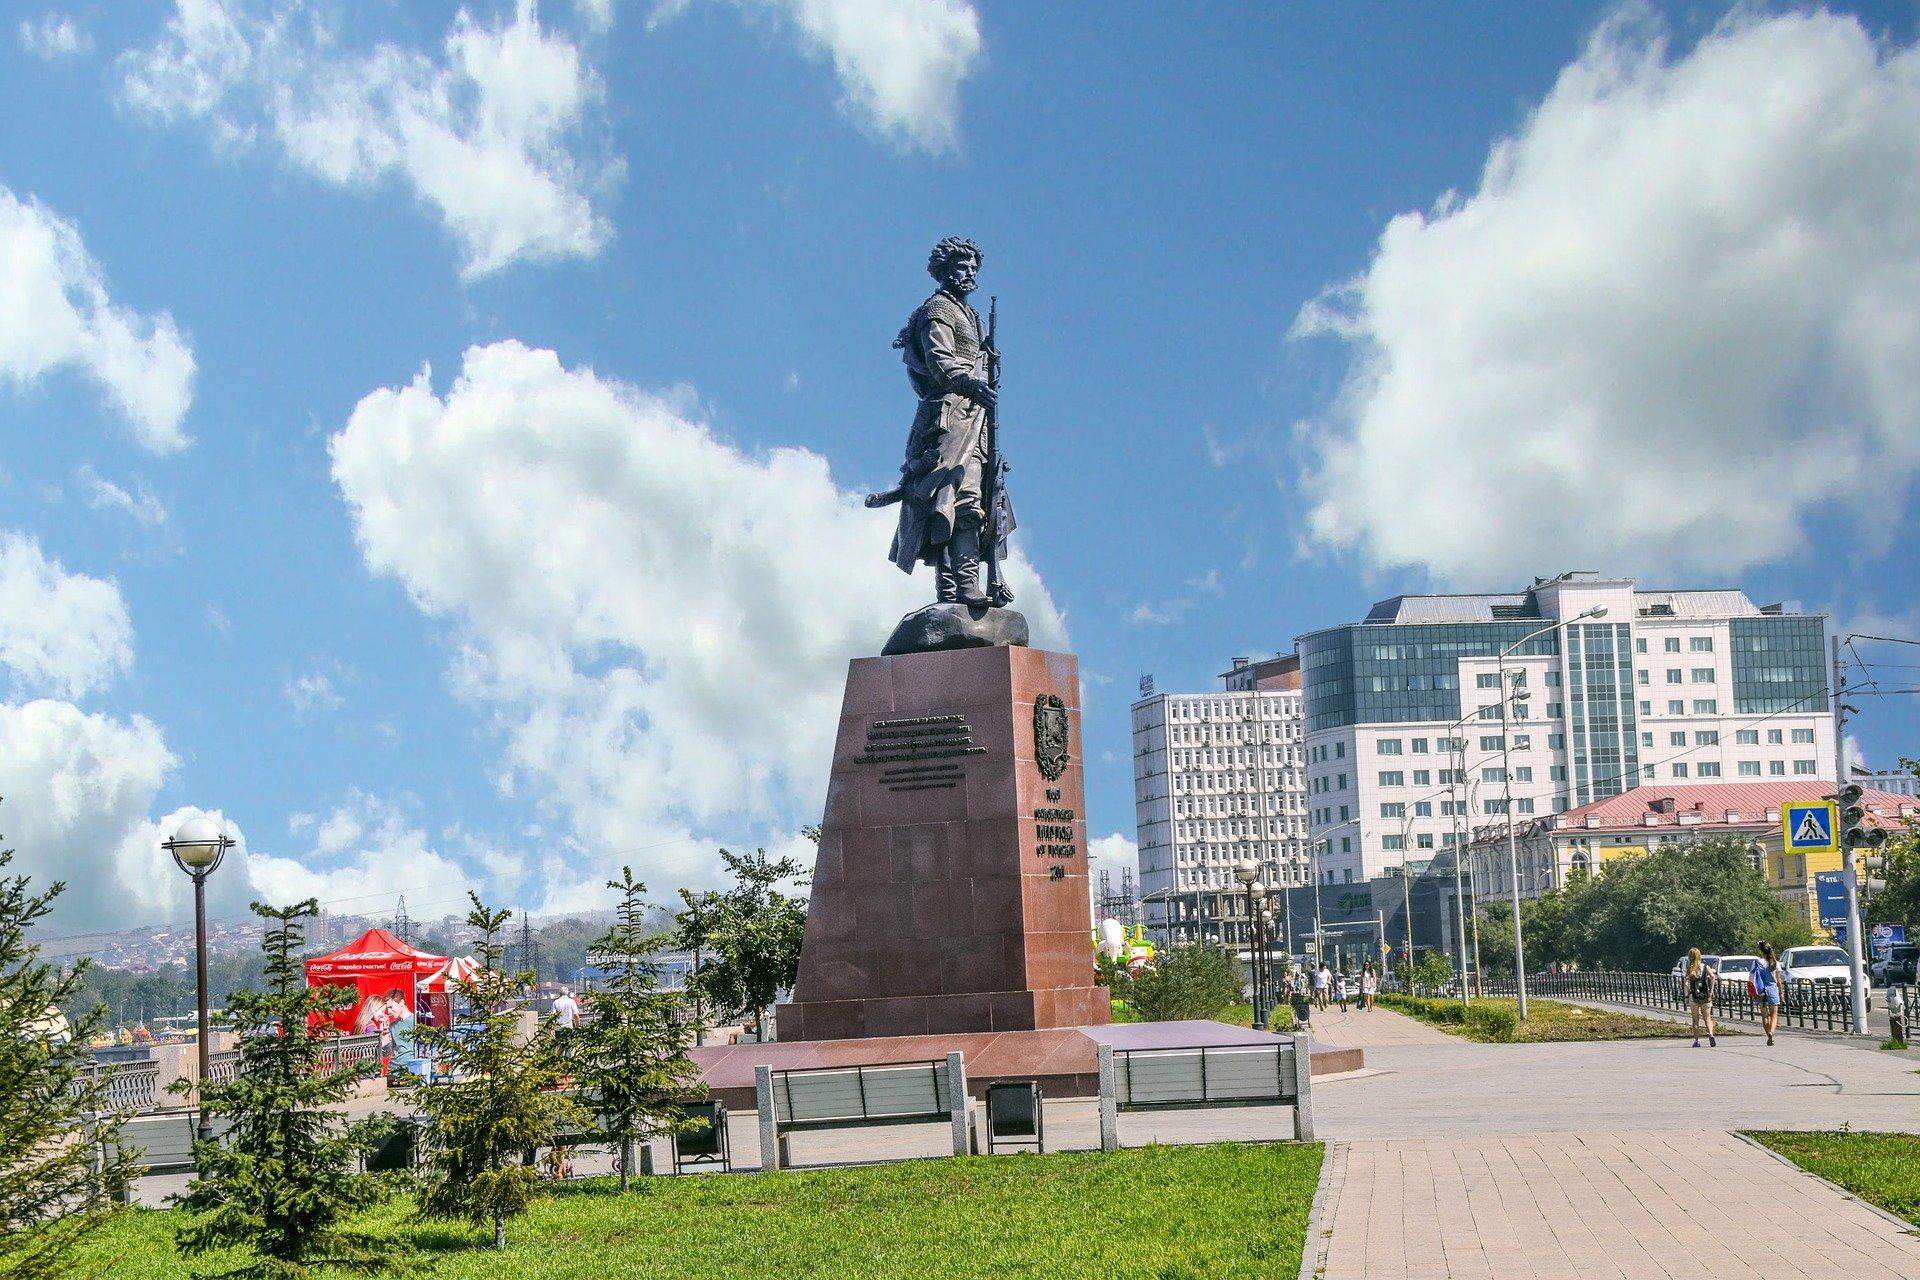 Putovanje Rusija - Bajkalsko jezero (12)